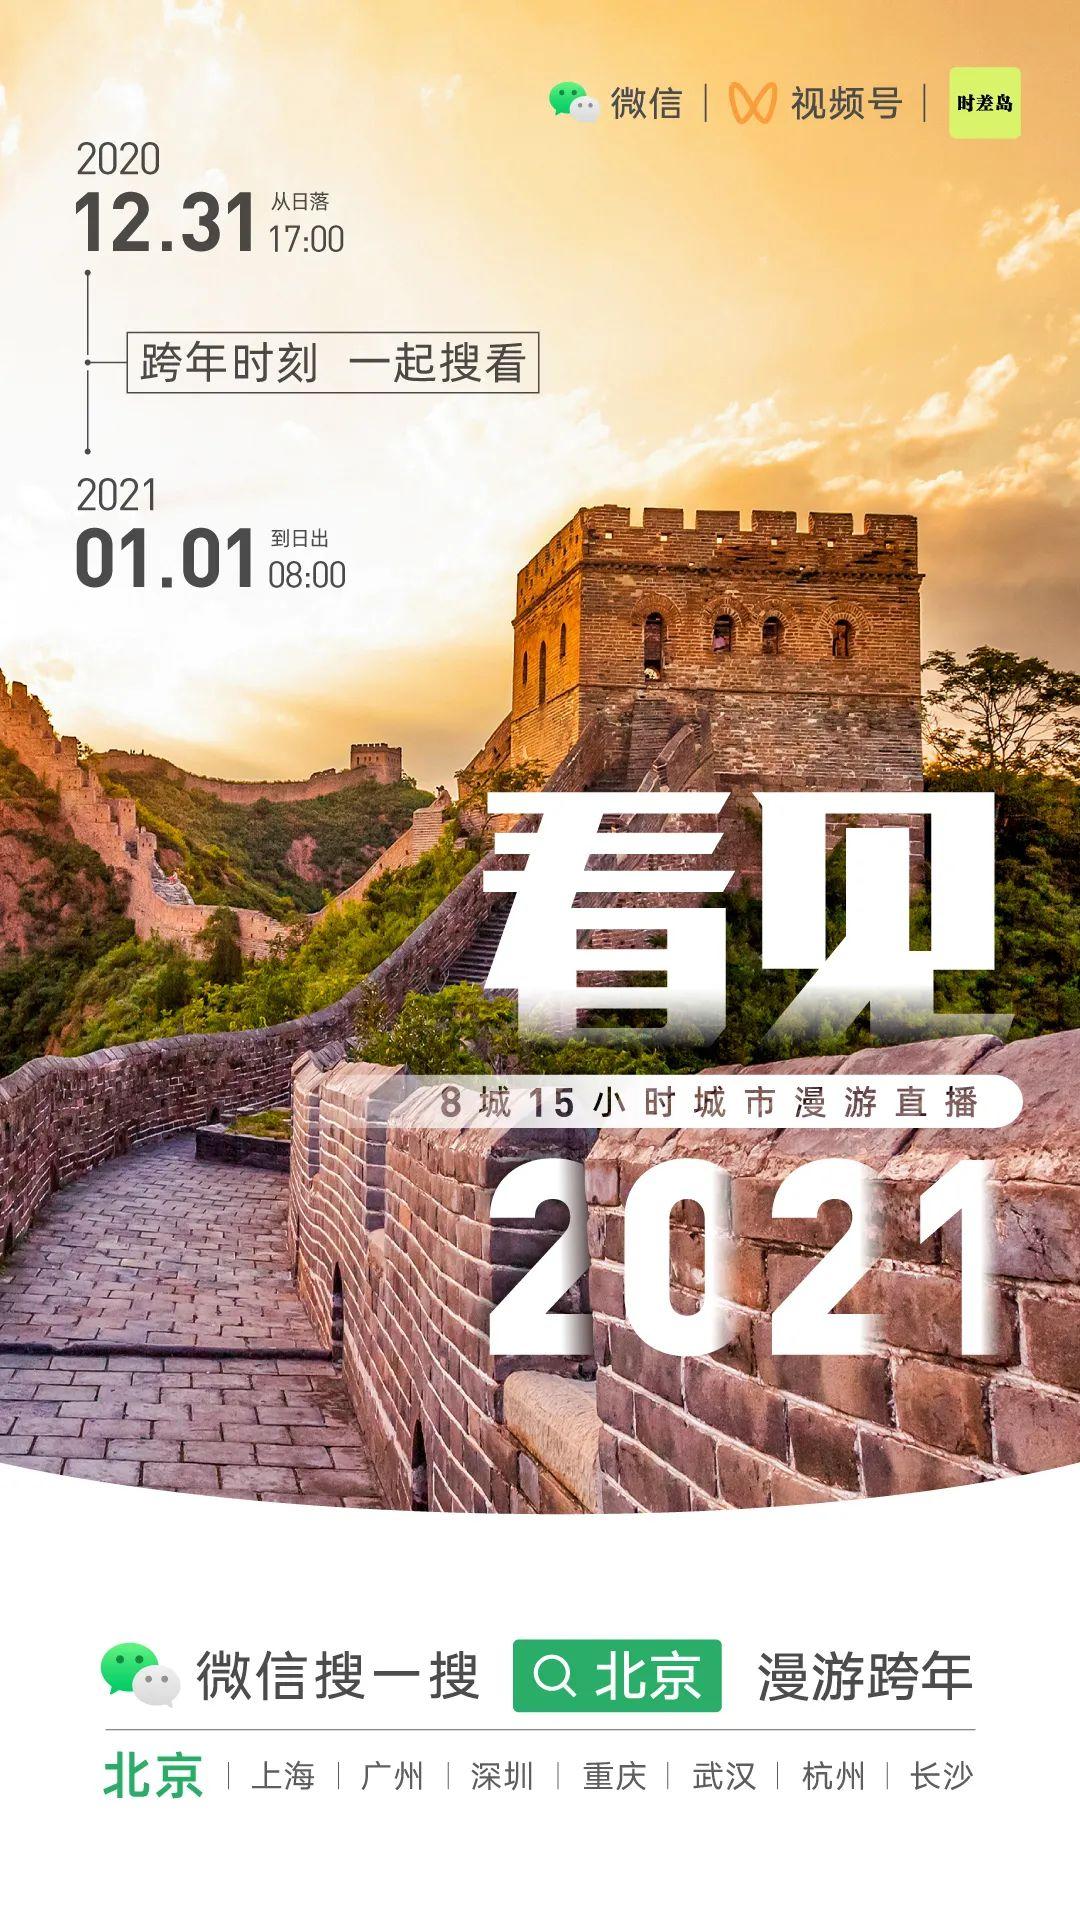 2020远走不送,2021真的请多关照!